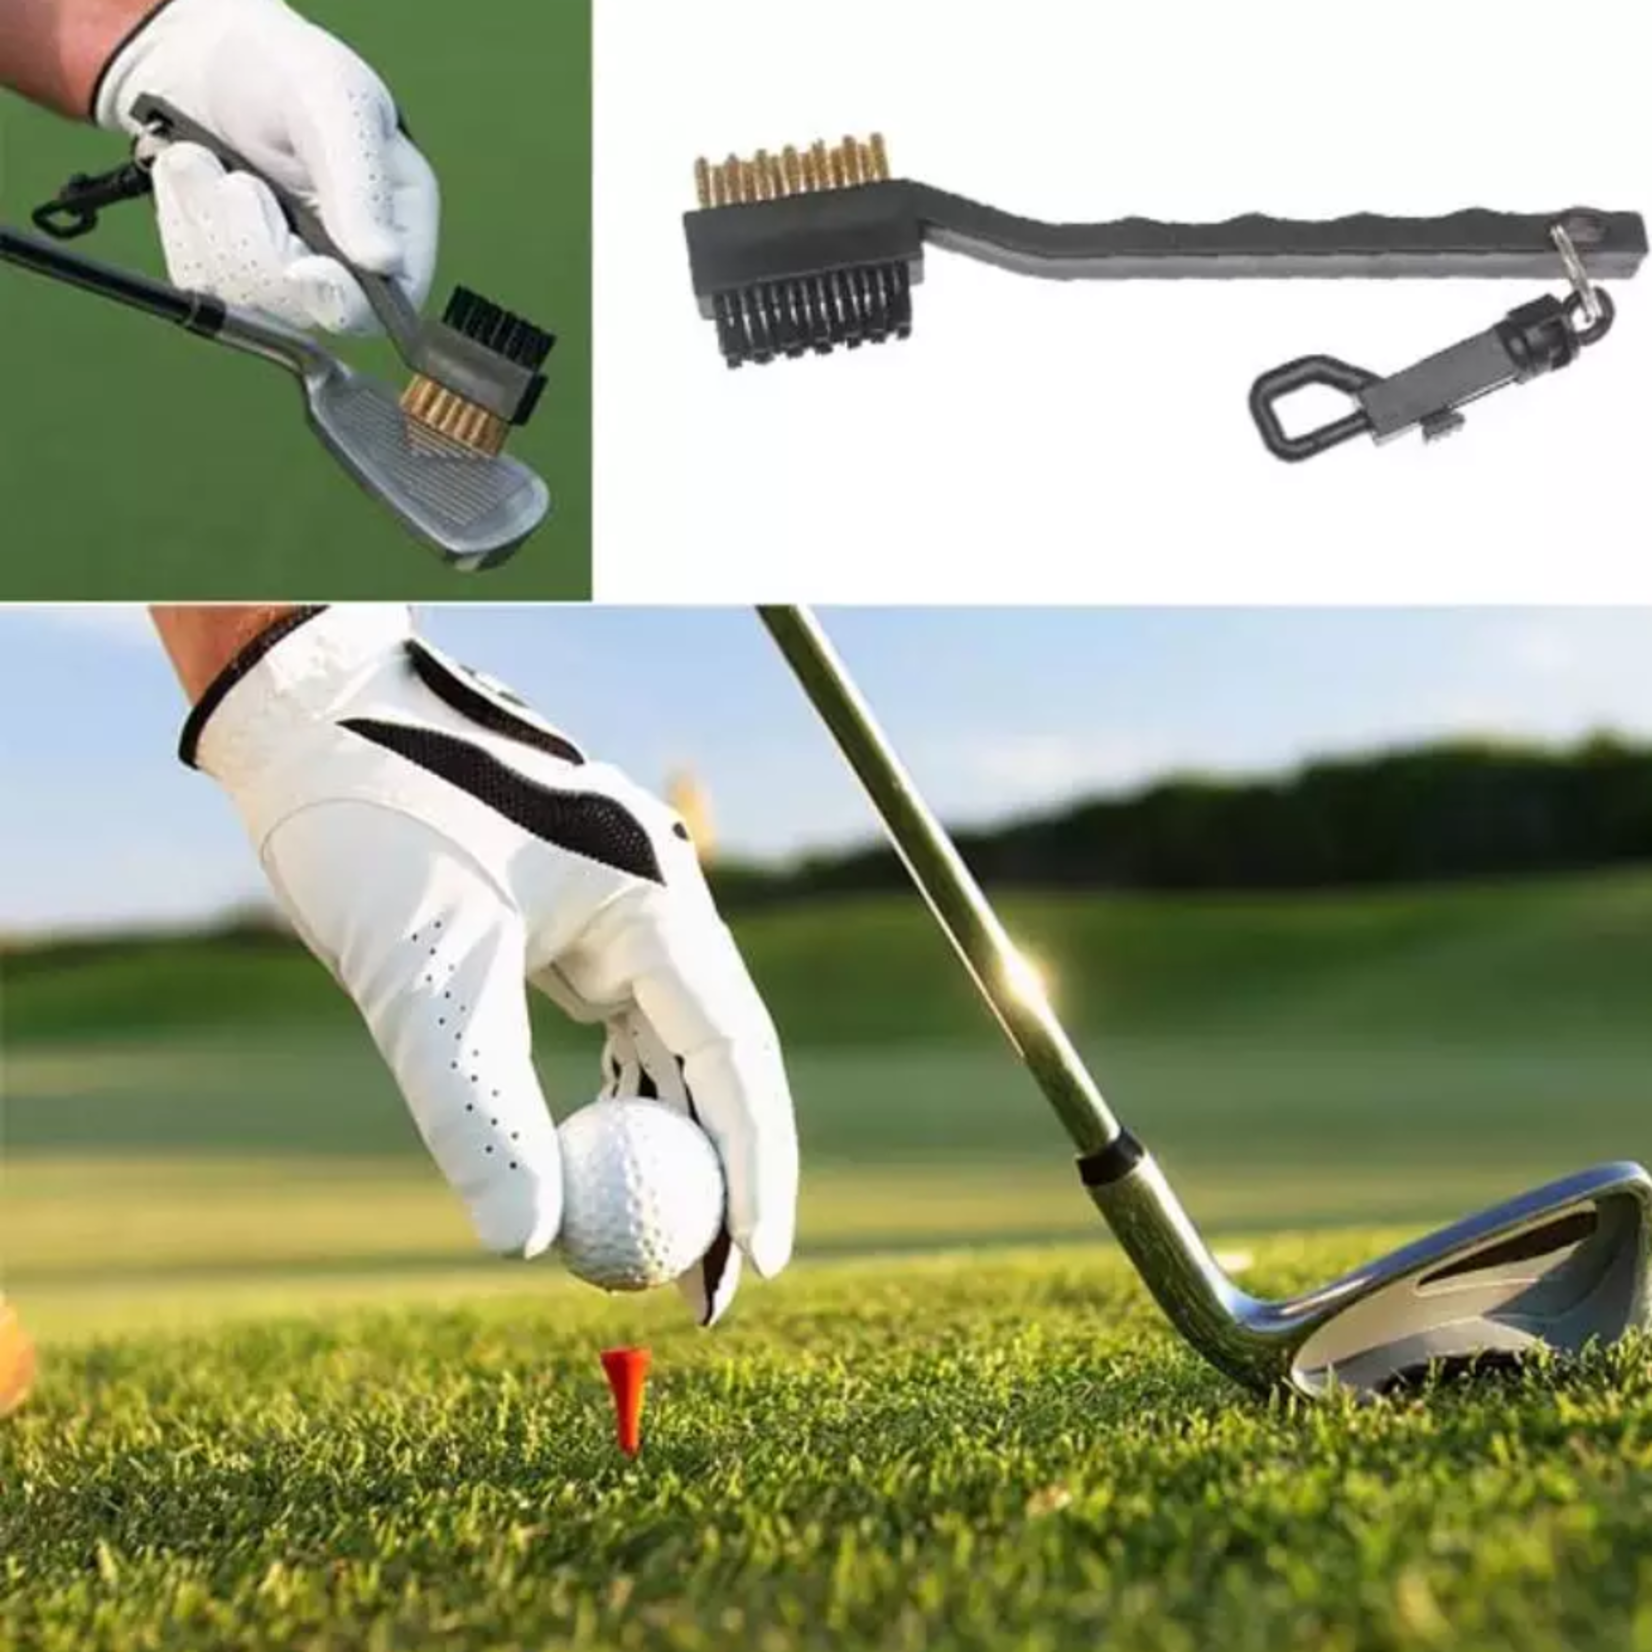 Jobber Golf Jobber Golf - 2 in 1 Multi Brush Club Cleaner / Golfclub borstel